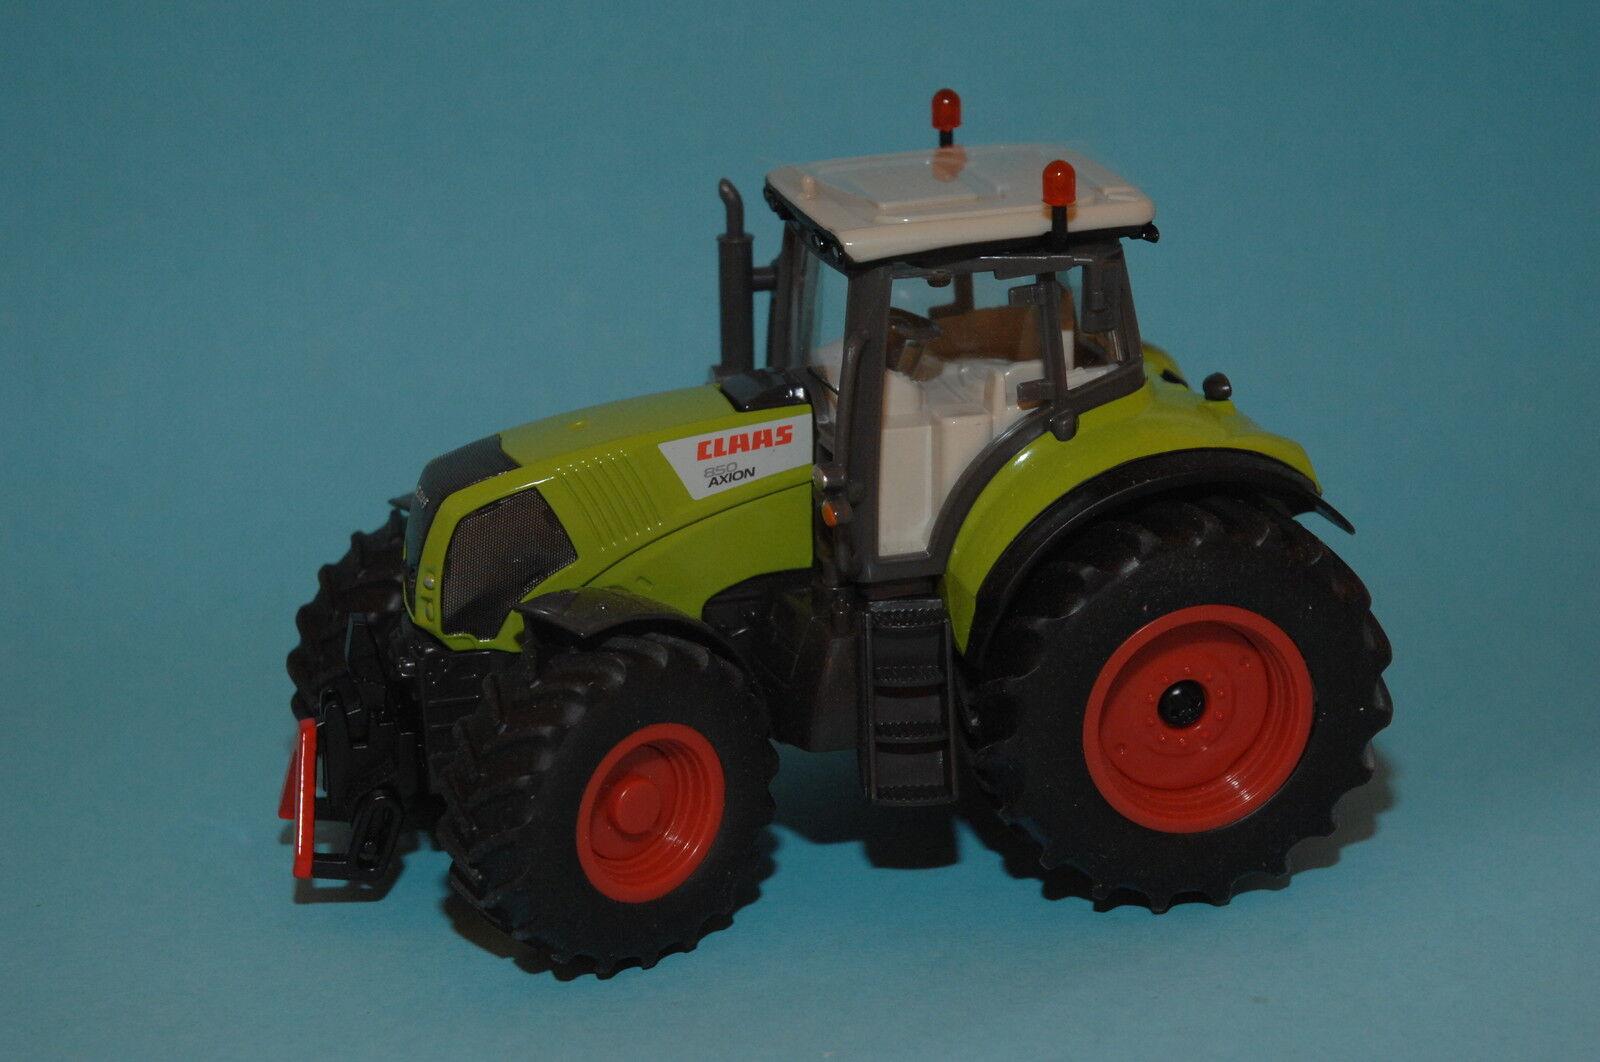 Siku Control 32 6882 Tracteur Tracteur Tracteur Claas Axion 850 RC Modèle 1:32 NEUF | Réputation D'abord  e4c854